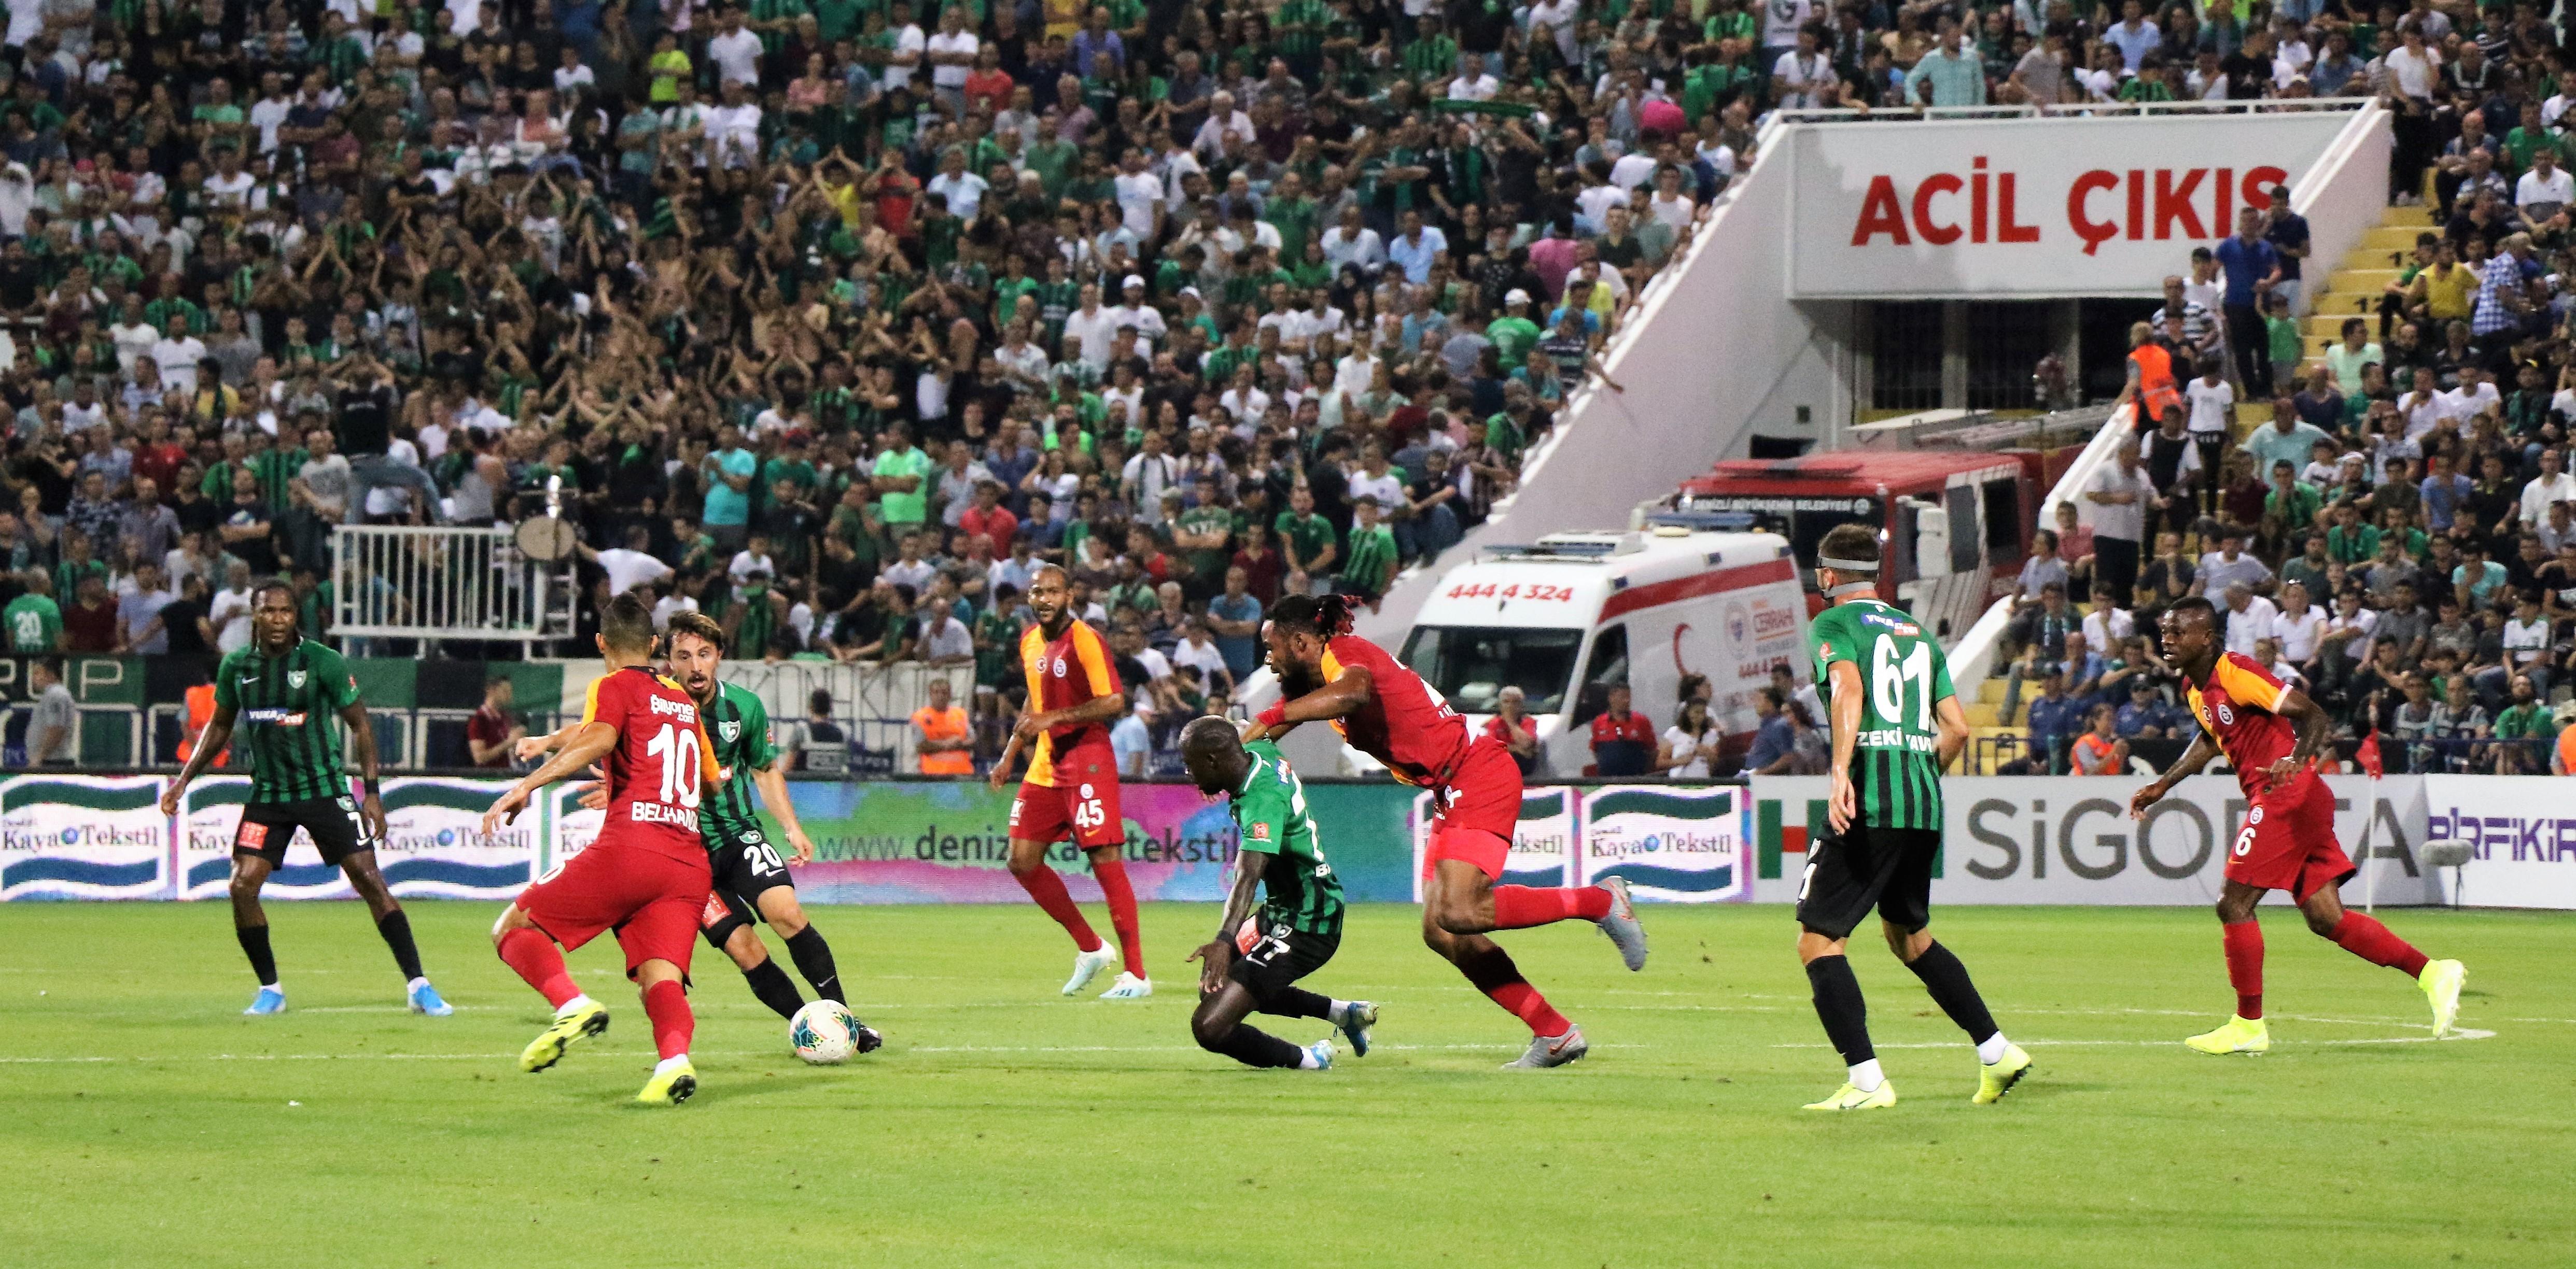 Denizlispor Galatasaray maç özeti izle | Denizlispor Galatasaray maçı özeti 2-0